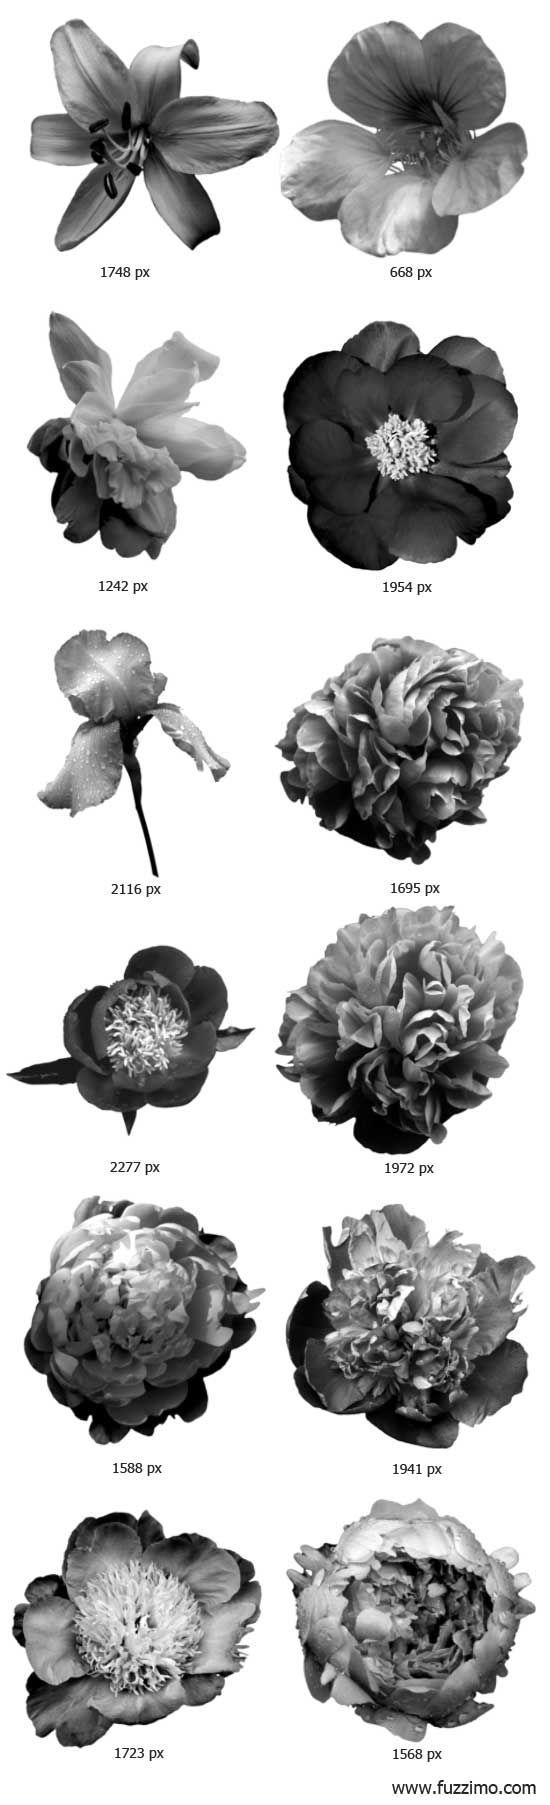 free photoshop brushes | Free 12 Hi-Res Photoshop Flower Brushes | fuzzimo